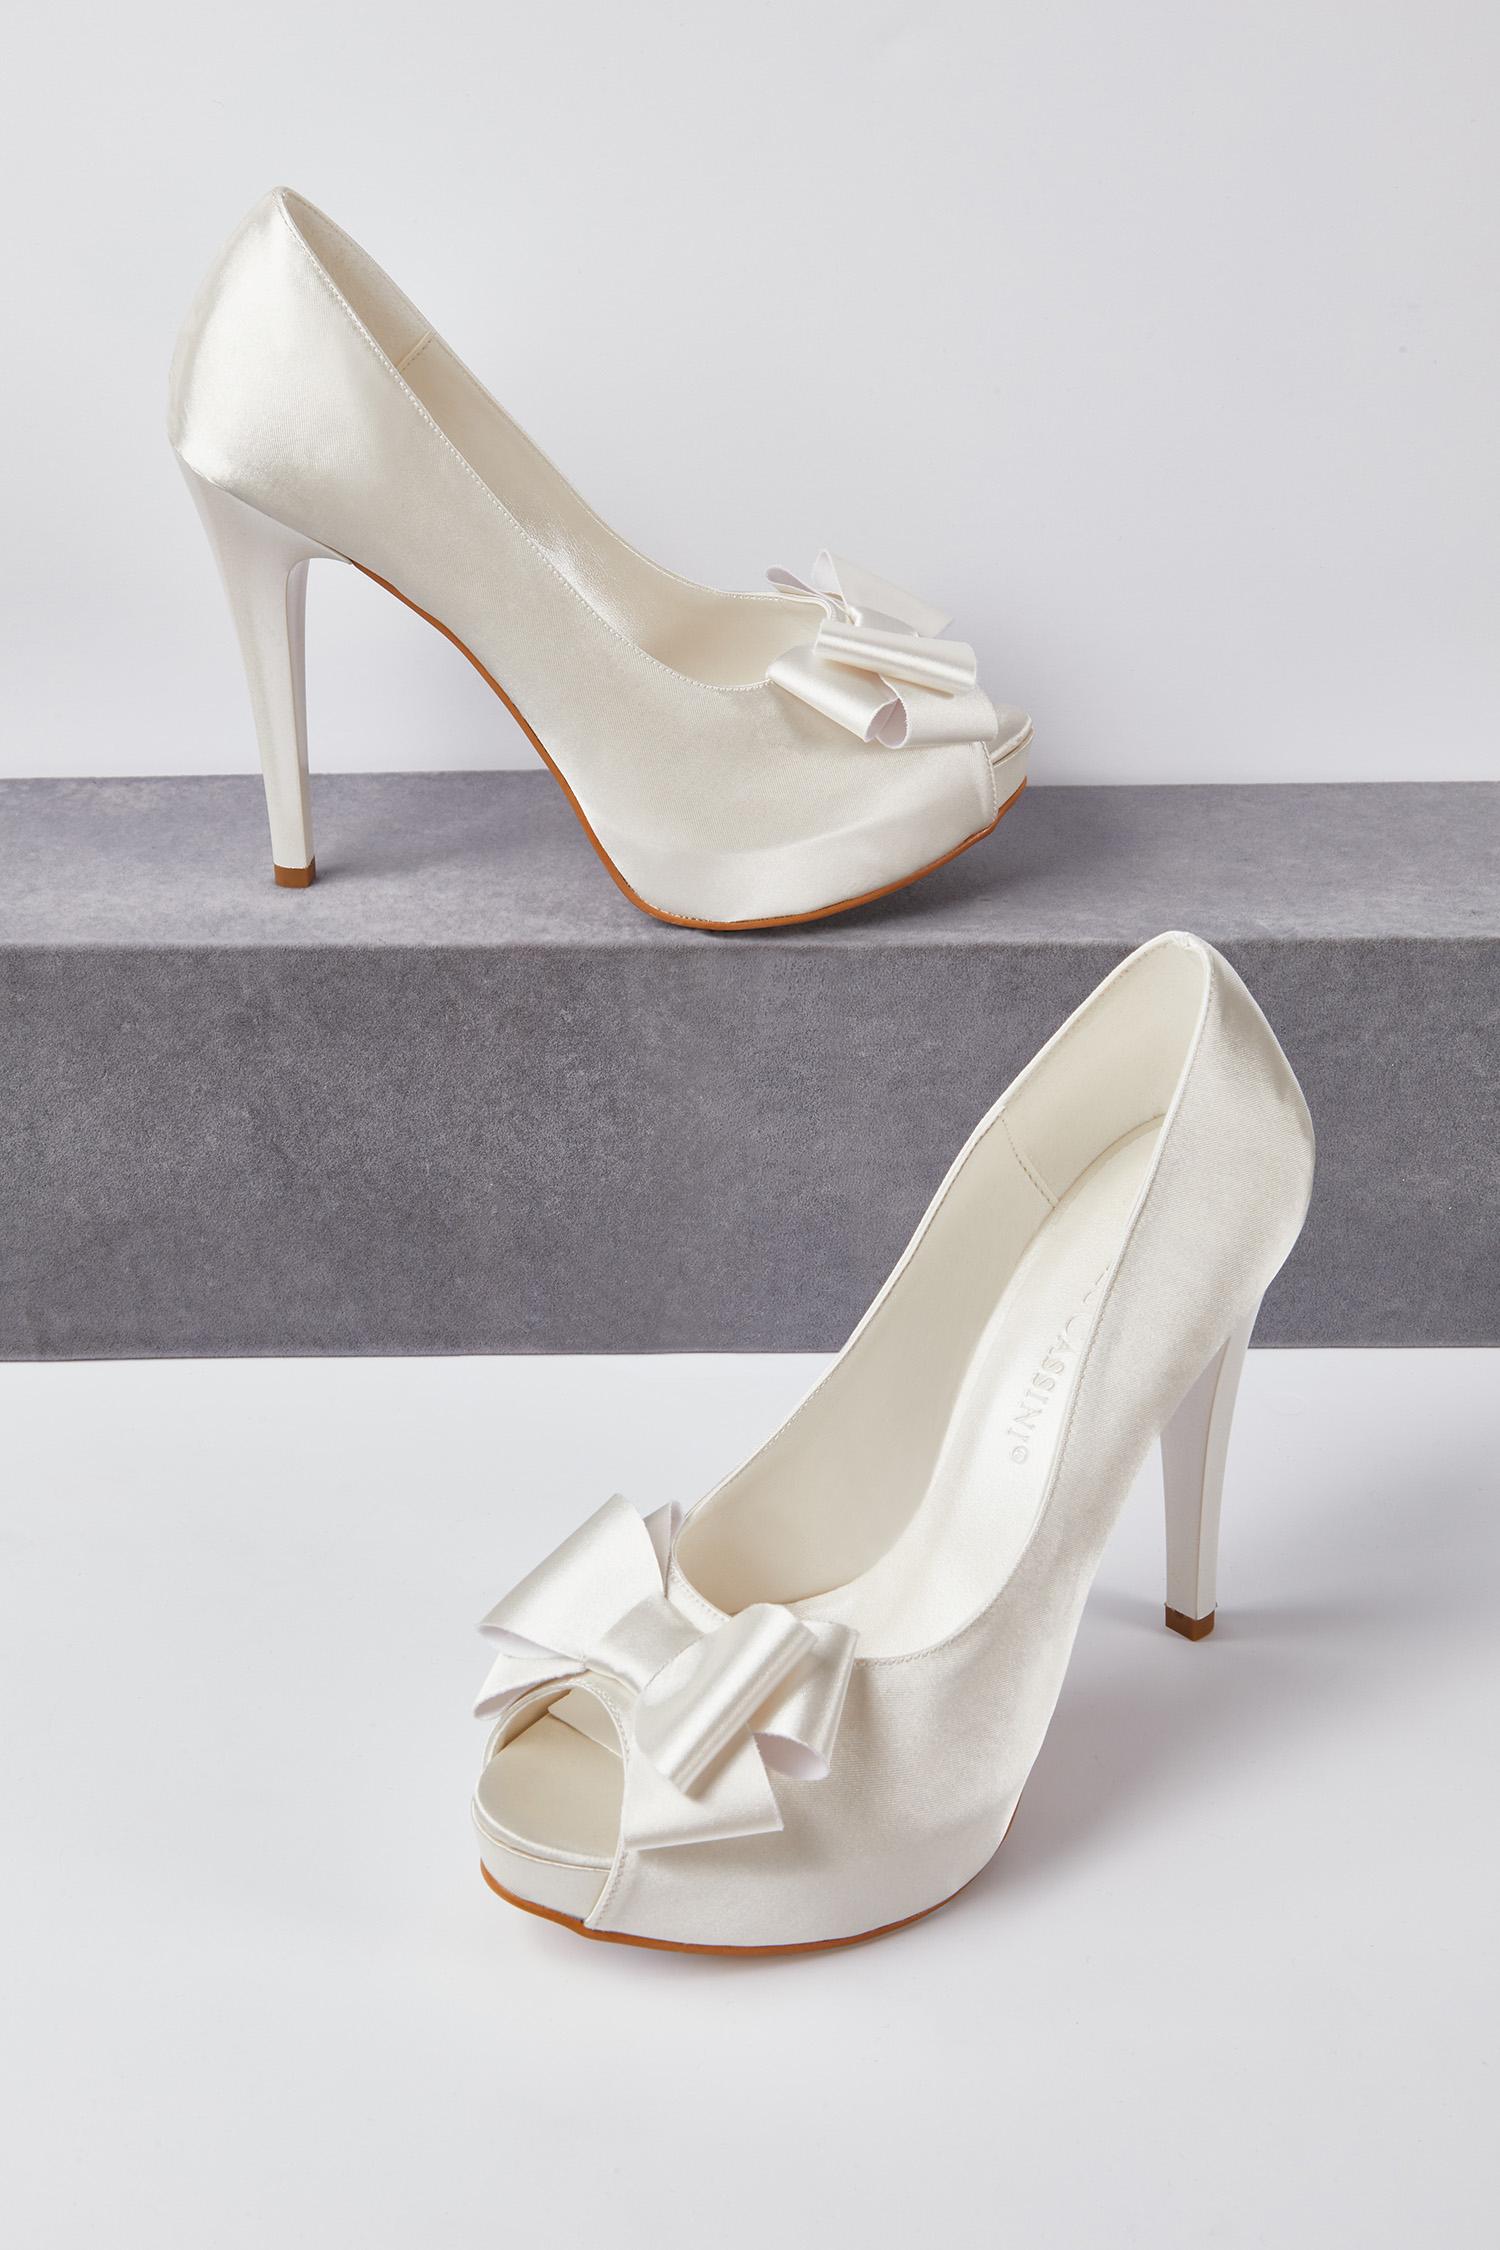 Topuklu Gelinlik Ayakkabısı Kırık Beyaz Saten